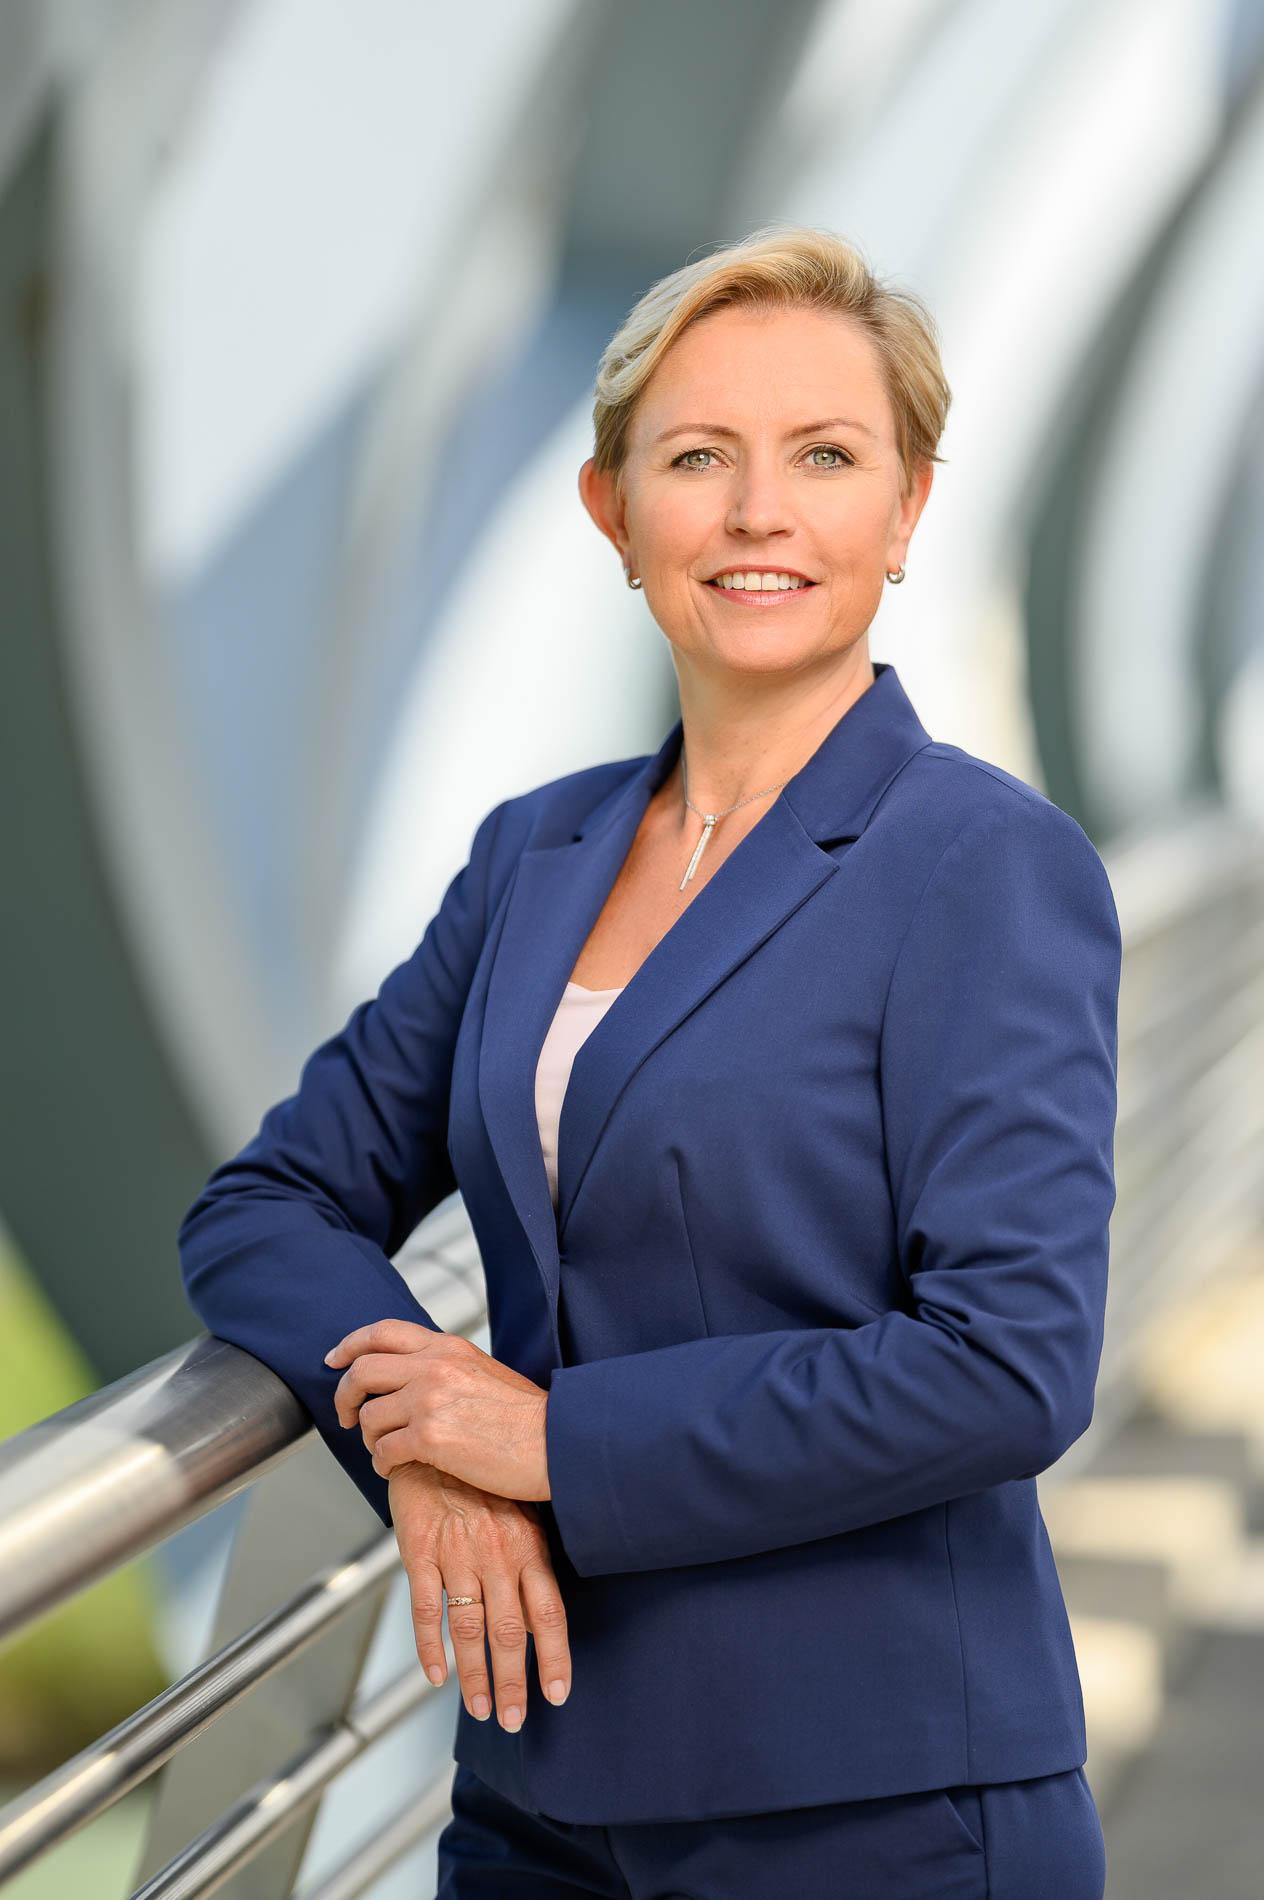 Susanne Siegler - dean at Les Roches